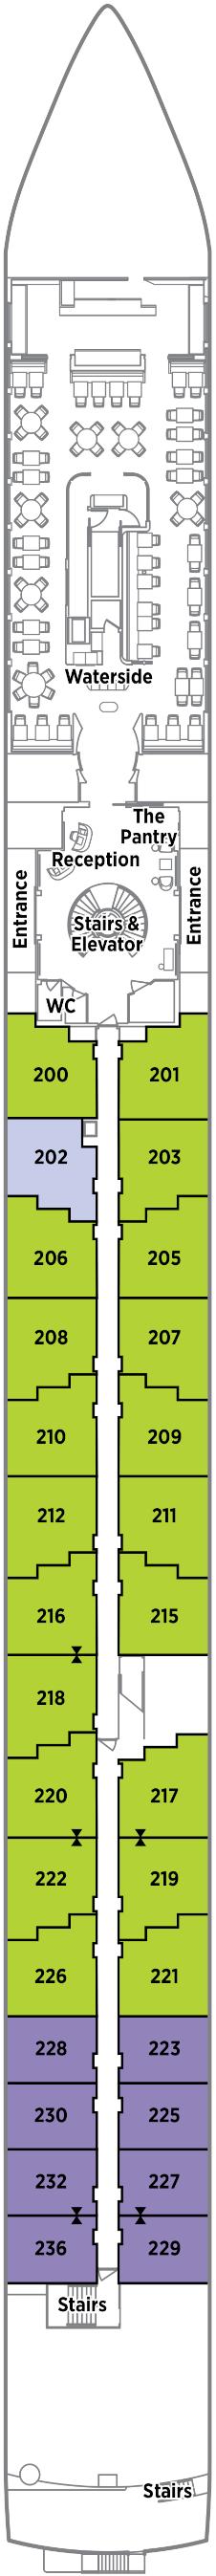 Crystal Debussy Seahorse Deck Deck Plan